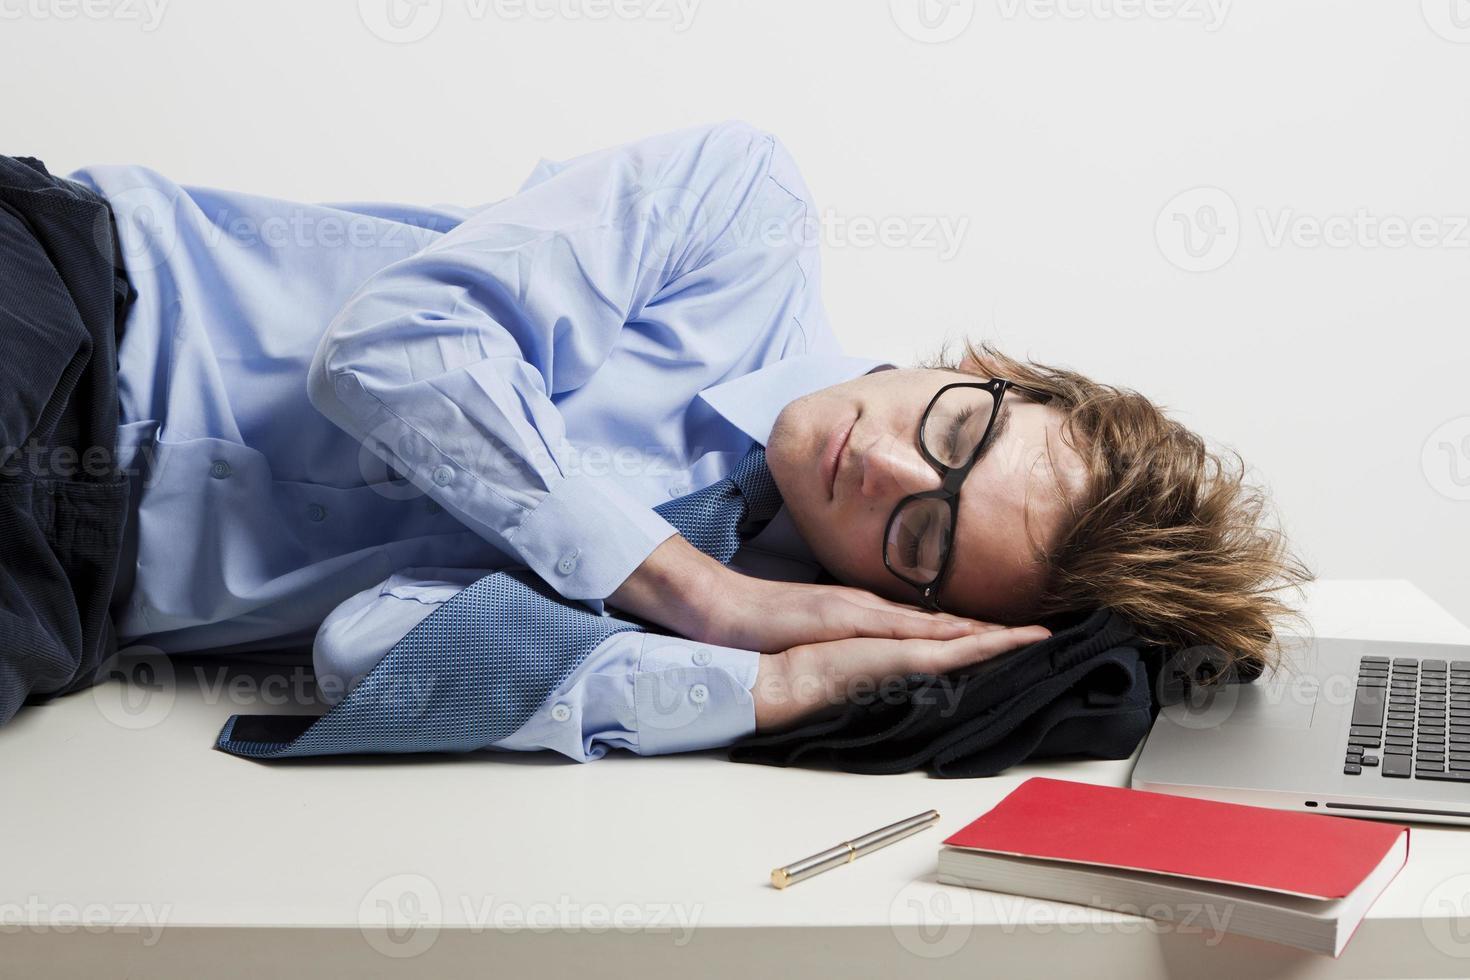 dormir au bureau photo